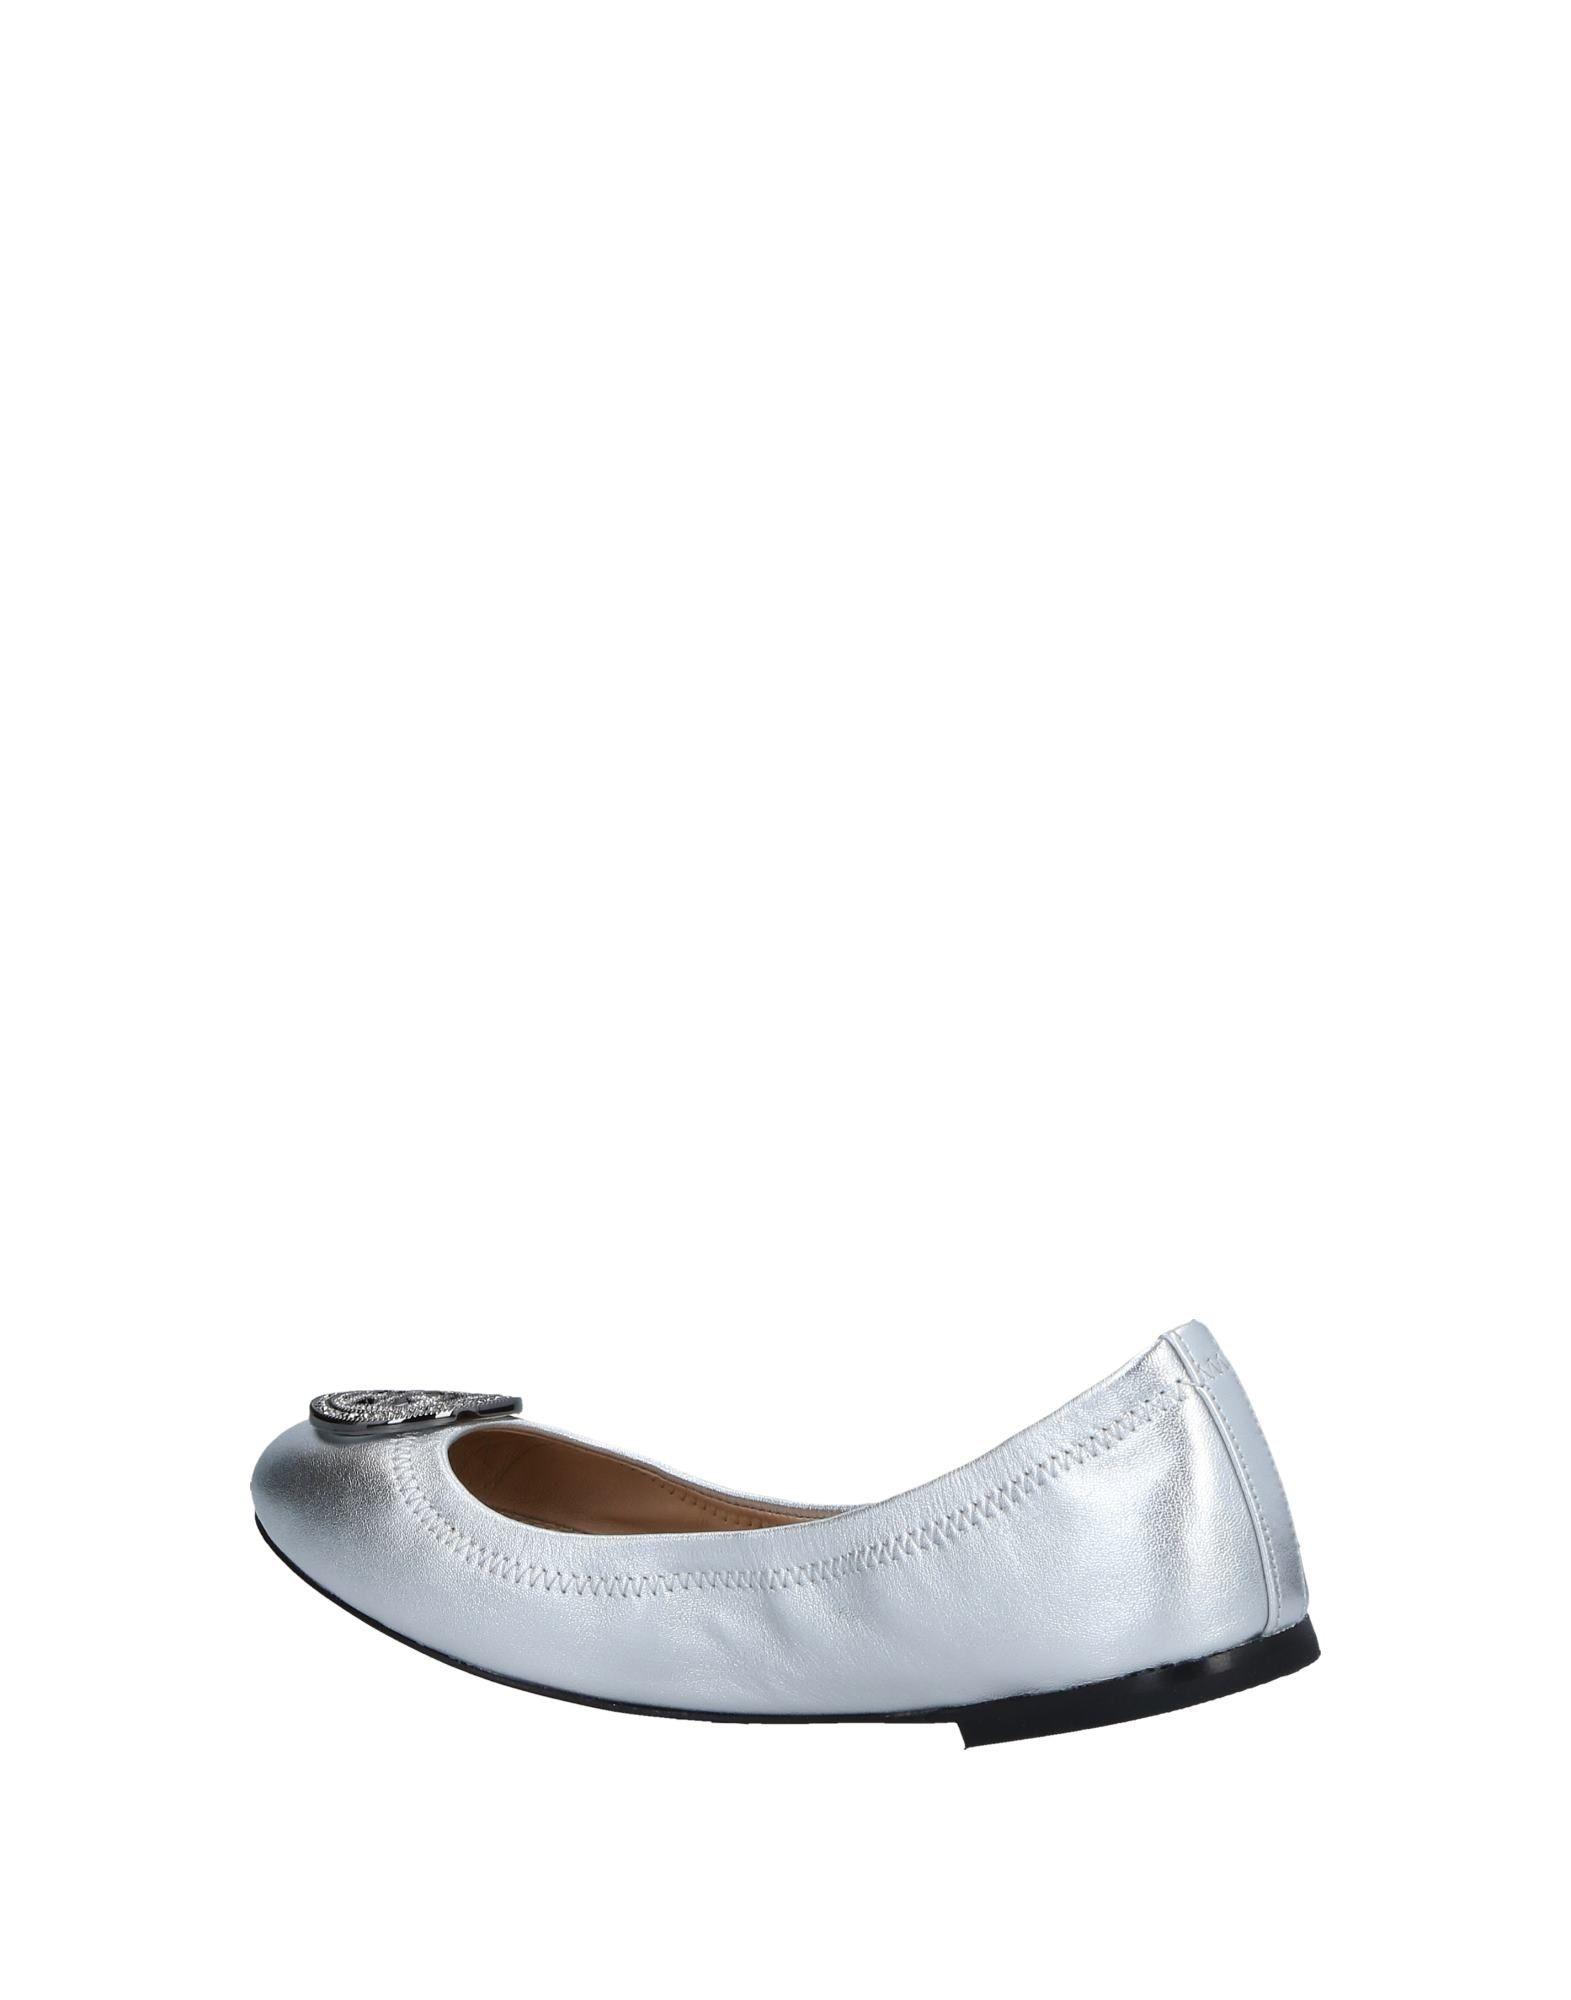 Tory Burch strapazierfähige Ballerinas Damen 11534823NSGut aussehende strapazierfähige Burch Schuhe 56172c